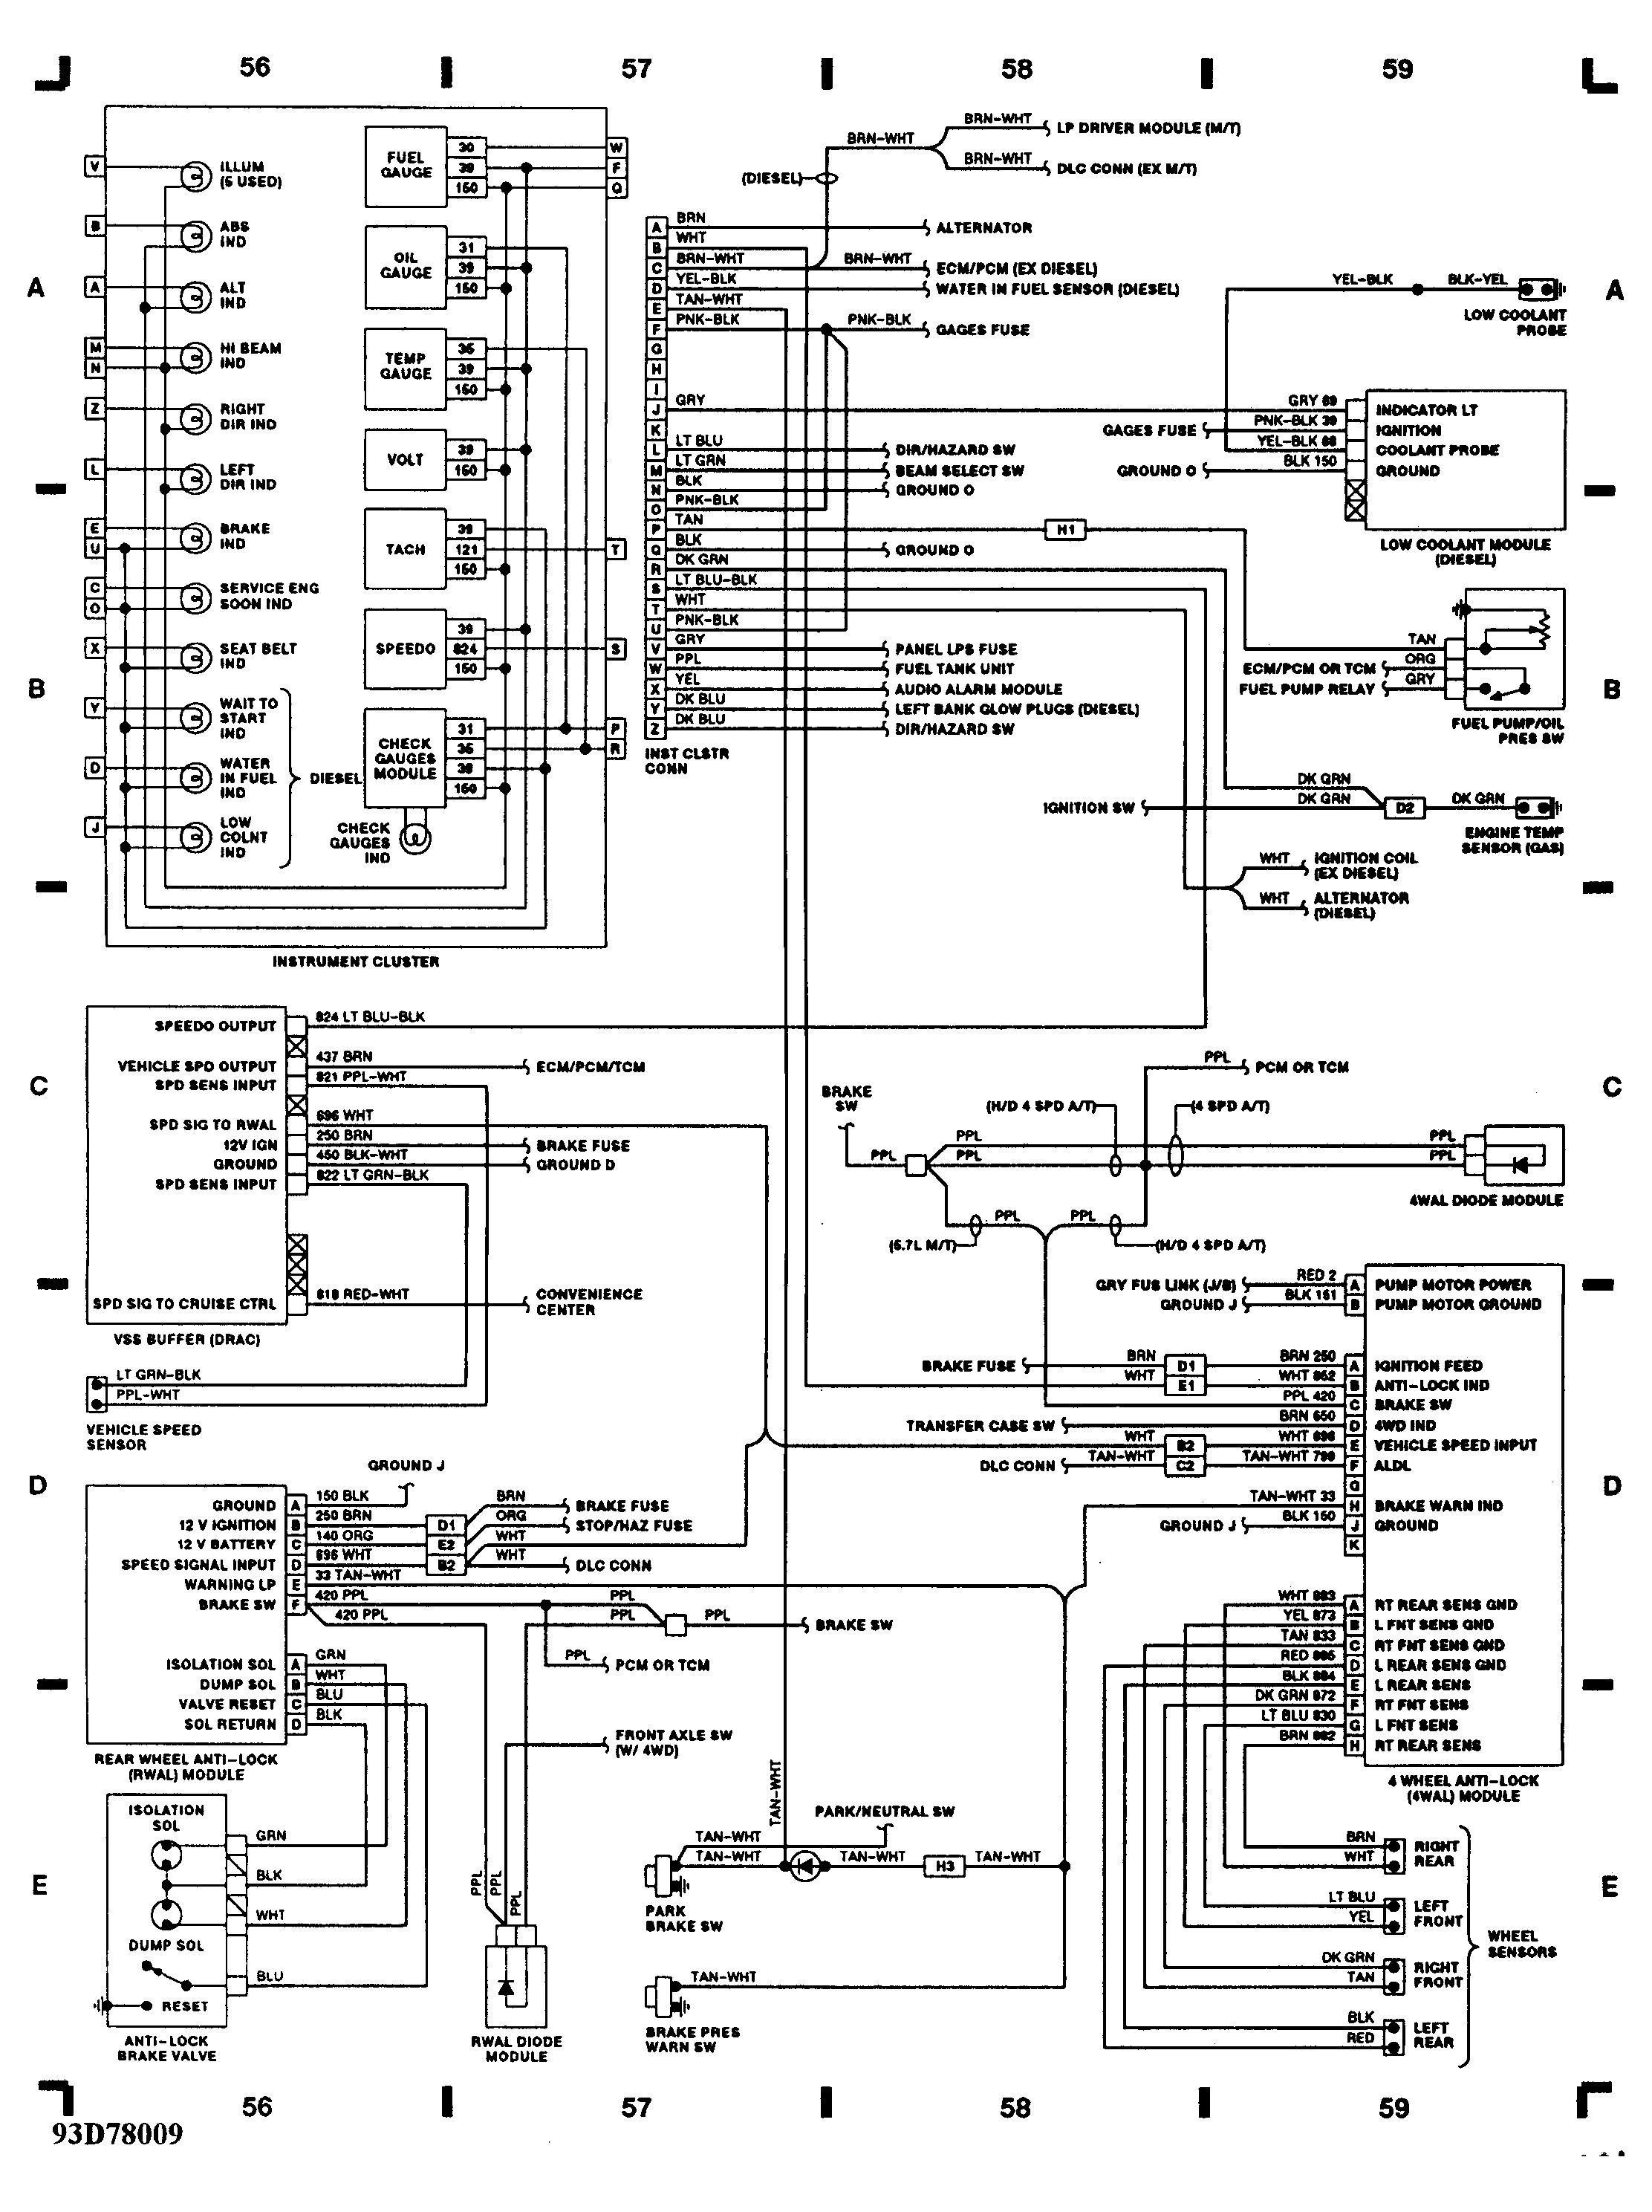 5 3 Vortec Engine Diagram Awesome 5 7 Vortec Wiring Harness Diagram Diagram Of 5 3 Vortec Engine Diagram